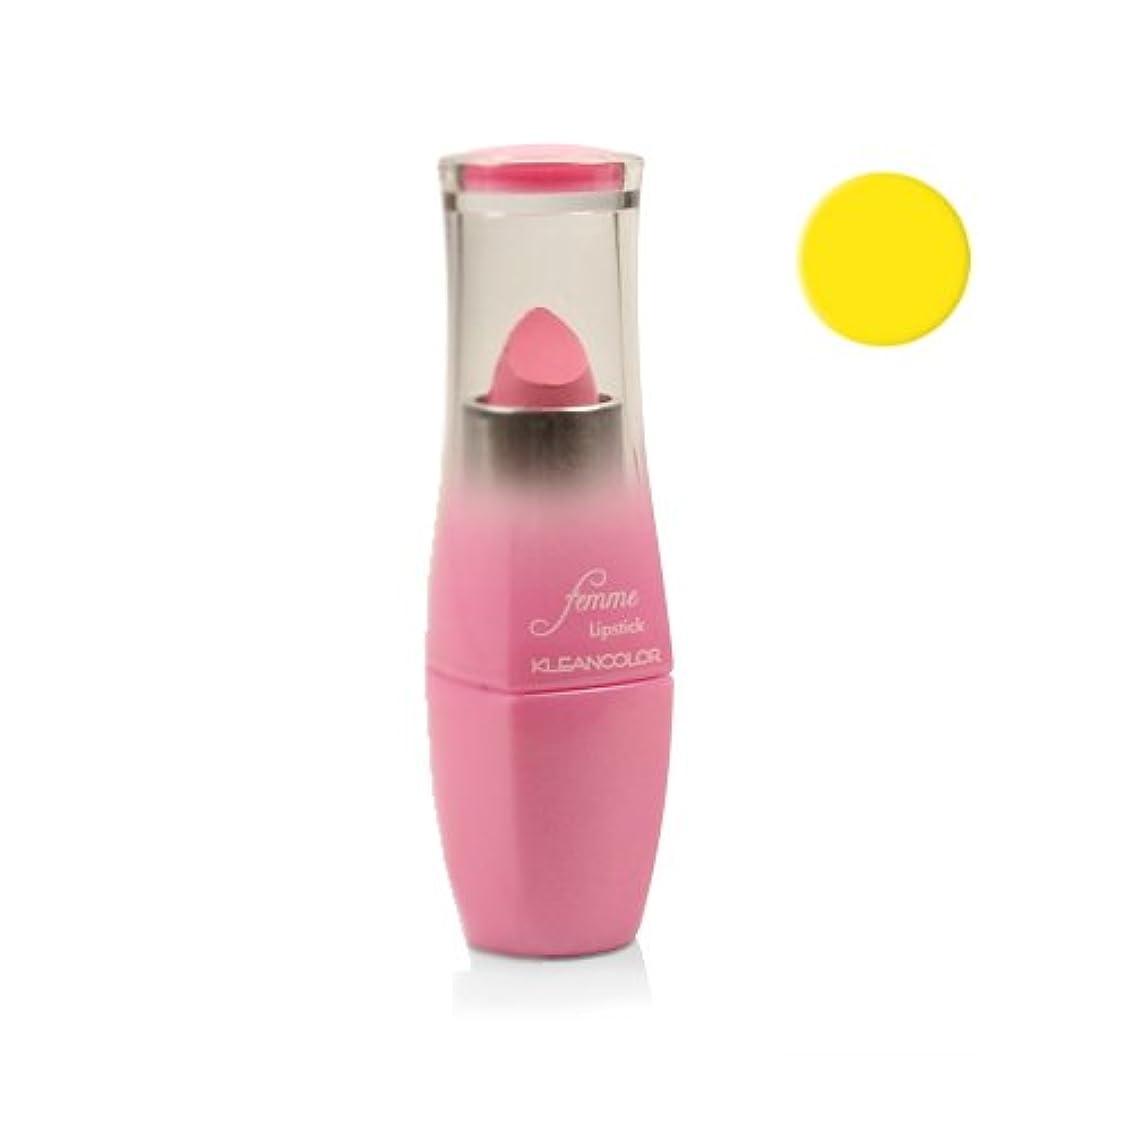 機密ミキサー貧困(6 Pack) KLEANCOLOR Femme Lipstick - Lighting Struck (並行輸入品)